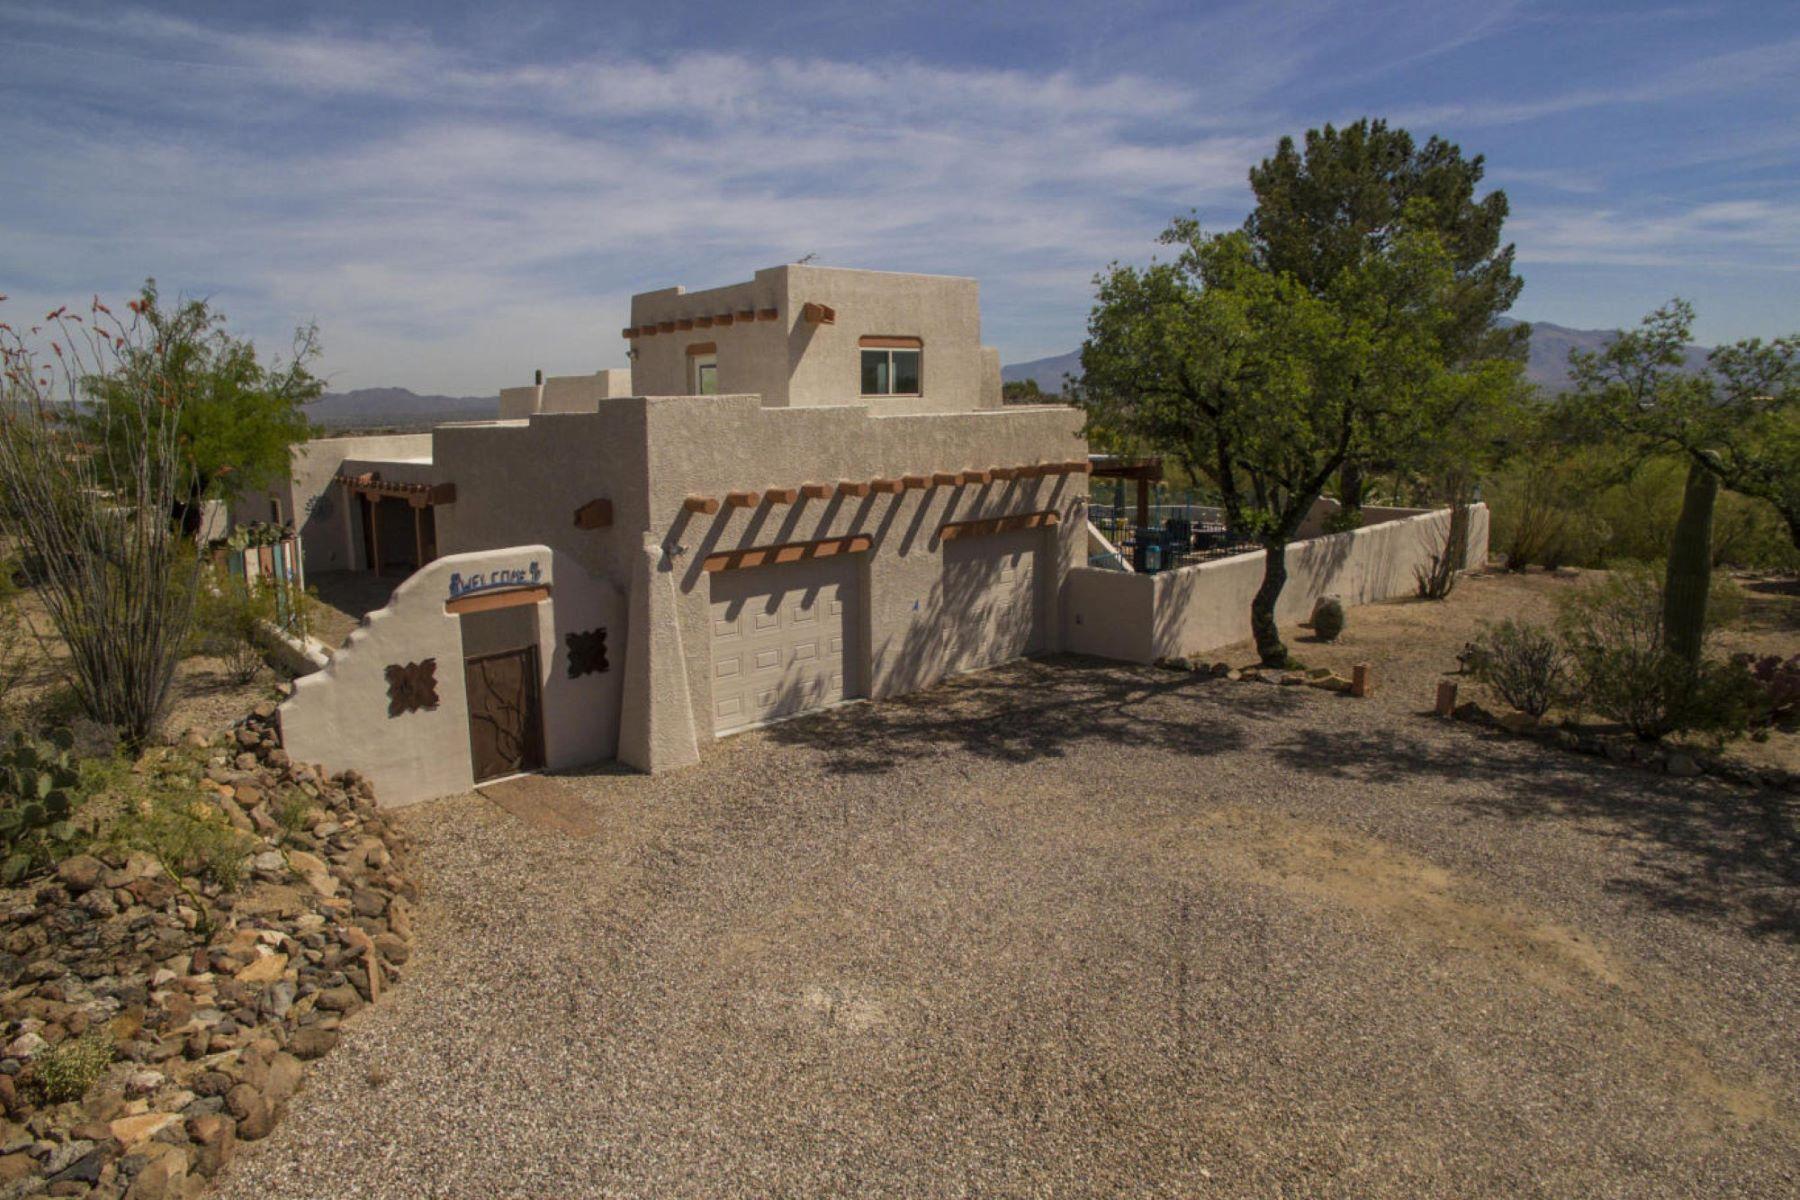 独户住宅 为 销售 在 Custom Santa Fe Home with 3.3 Acres! 6177 W Sunset Road 图森, 亚利桑那州, 85743 美国